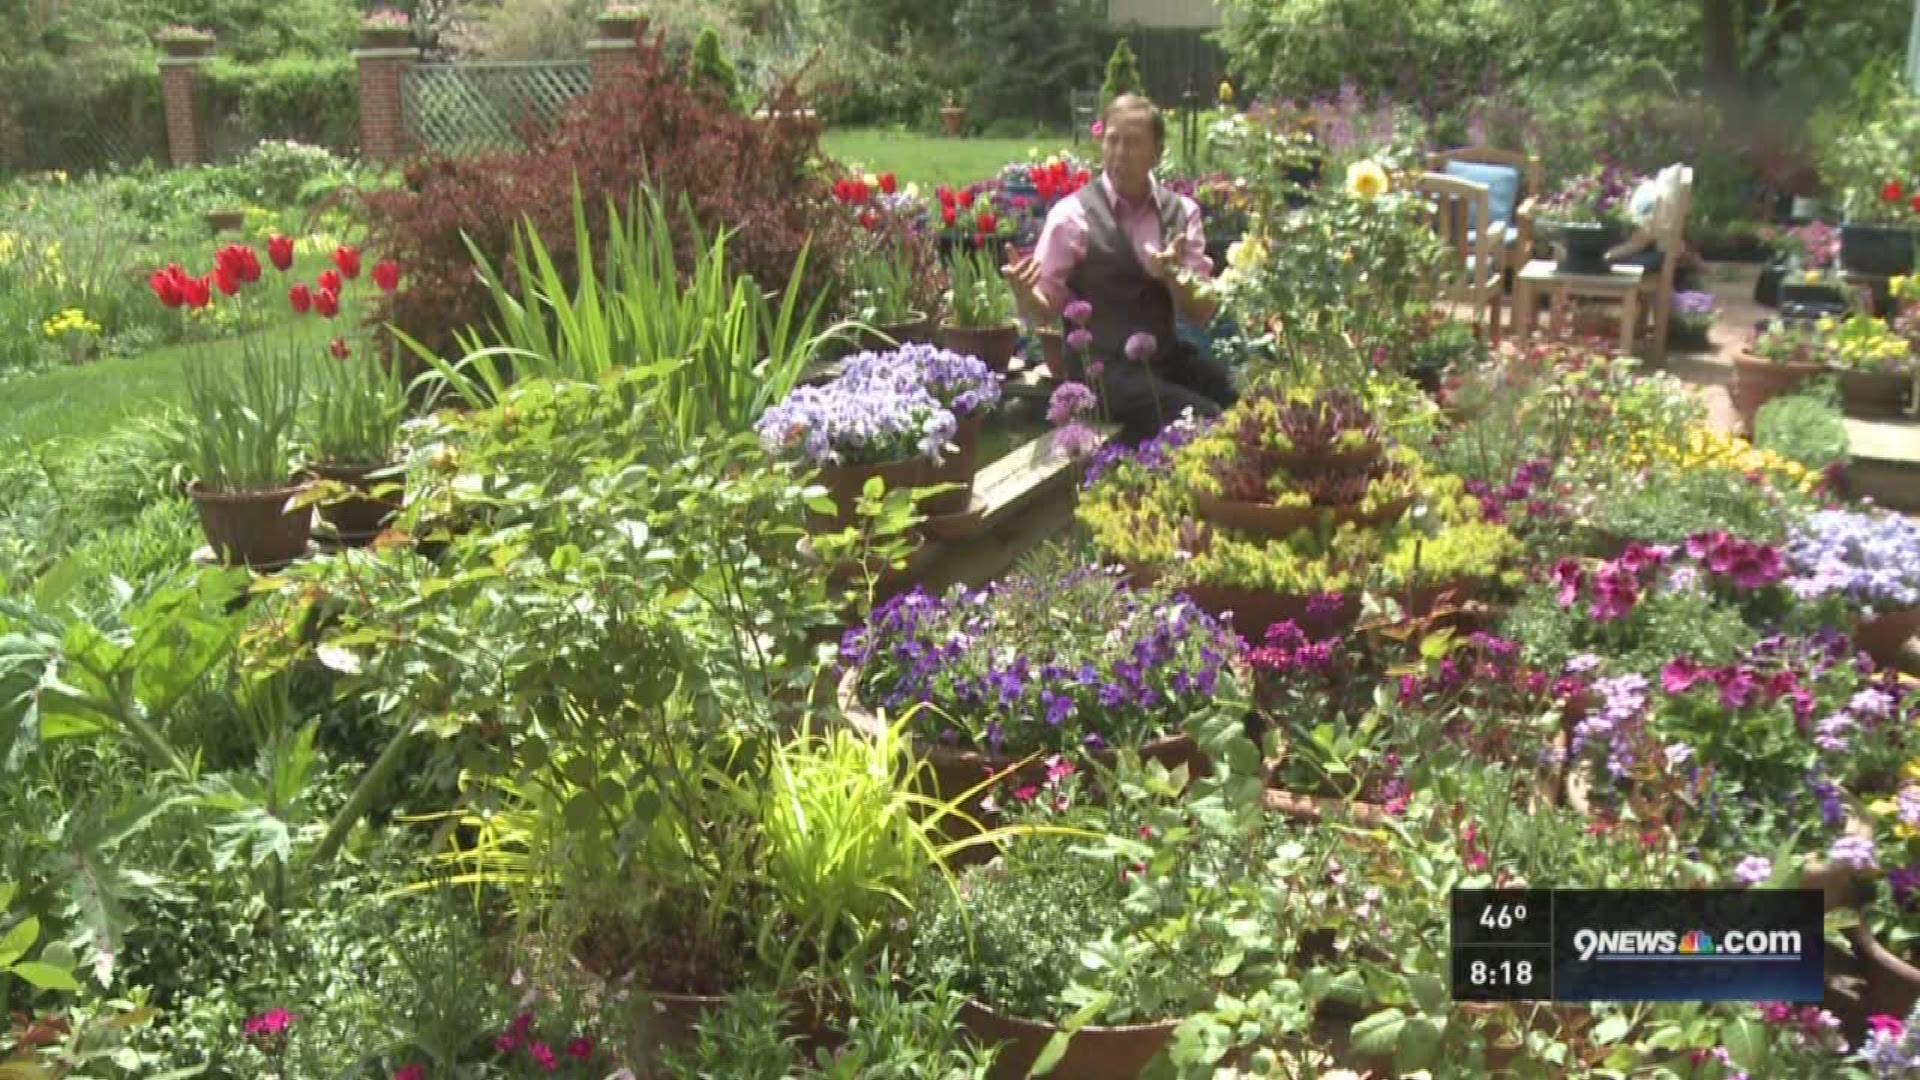 Proctor Time To Plant Petunias 9news Com